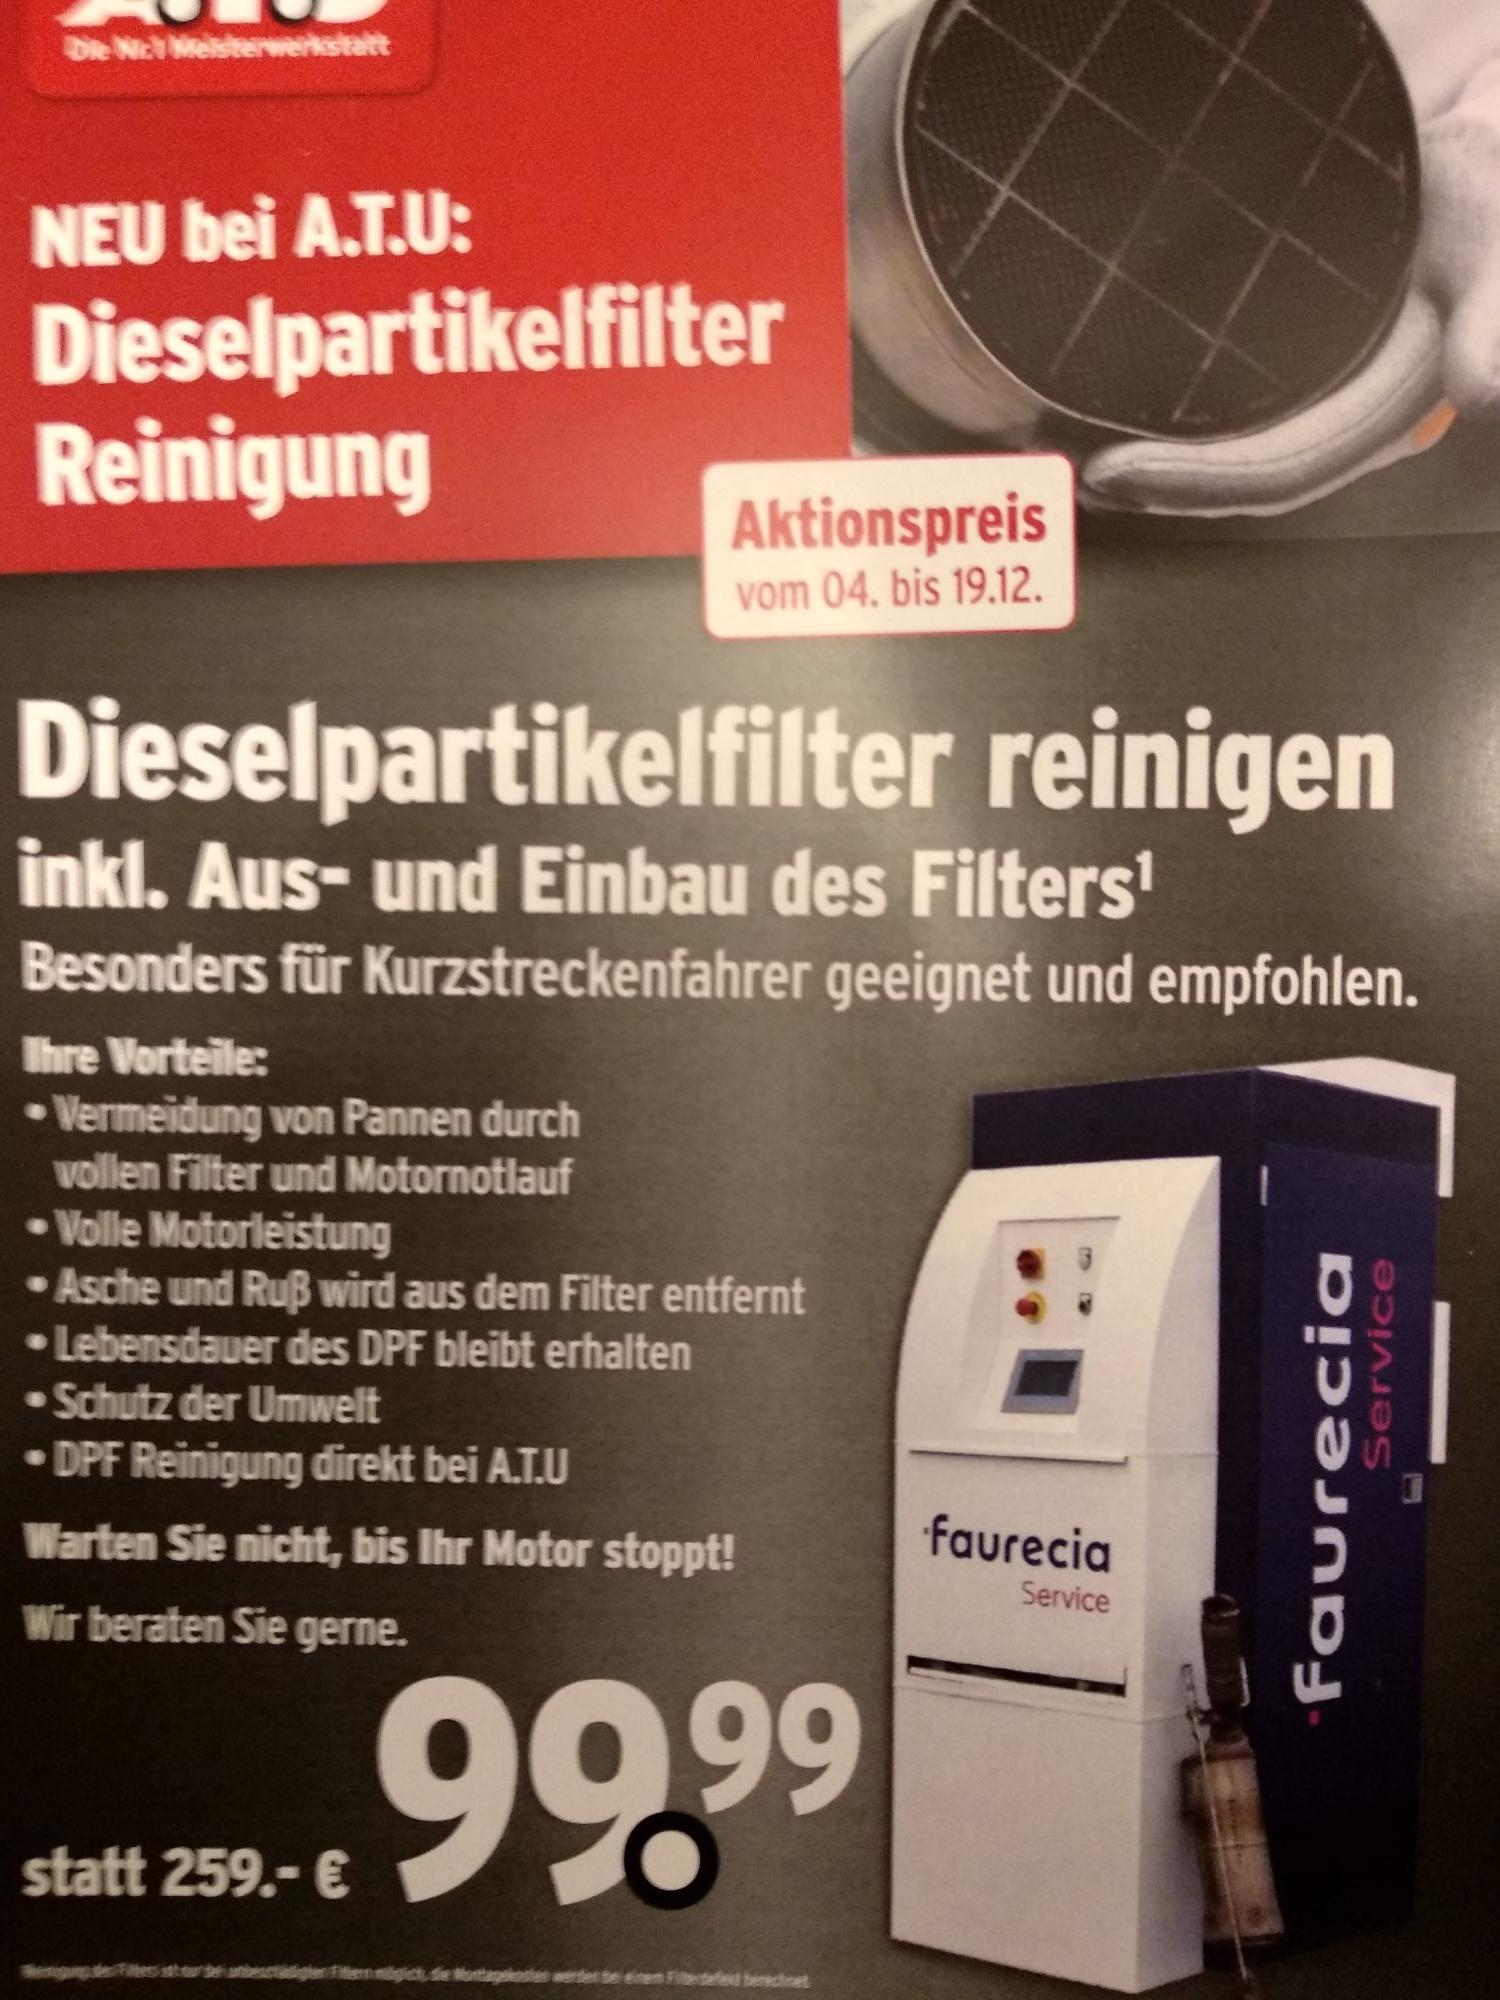 Dieselpartikelfilter Reinigung inkl. Ein- und Ausbau des Filters (Lokal Stuttgarter Raum)